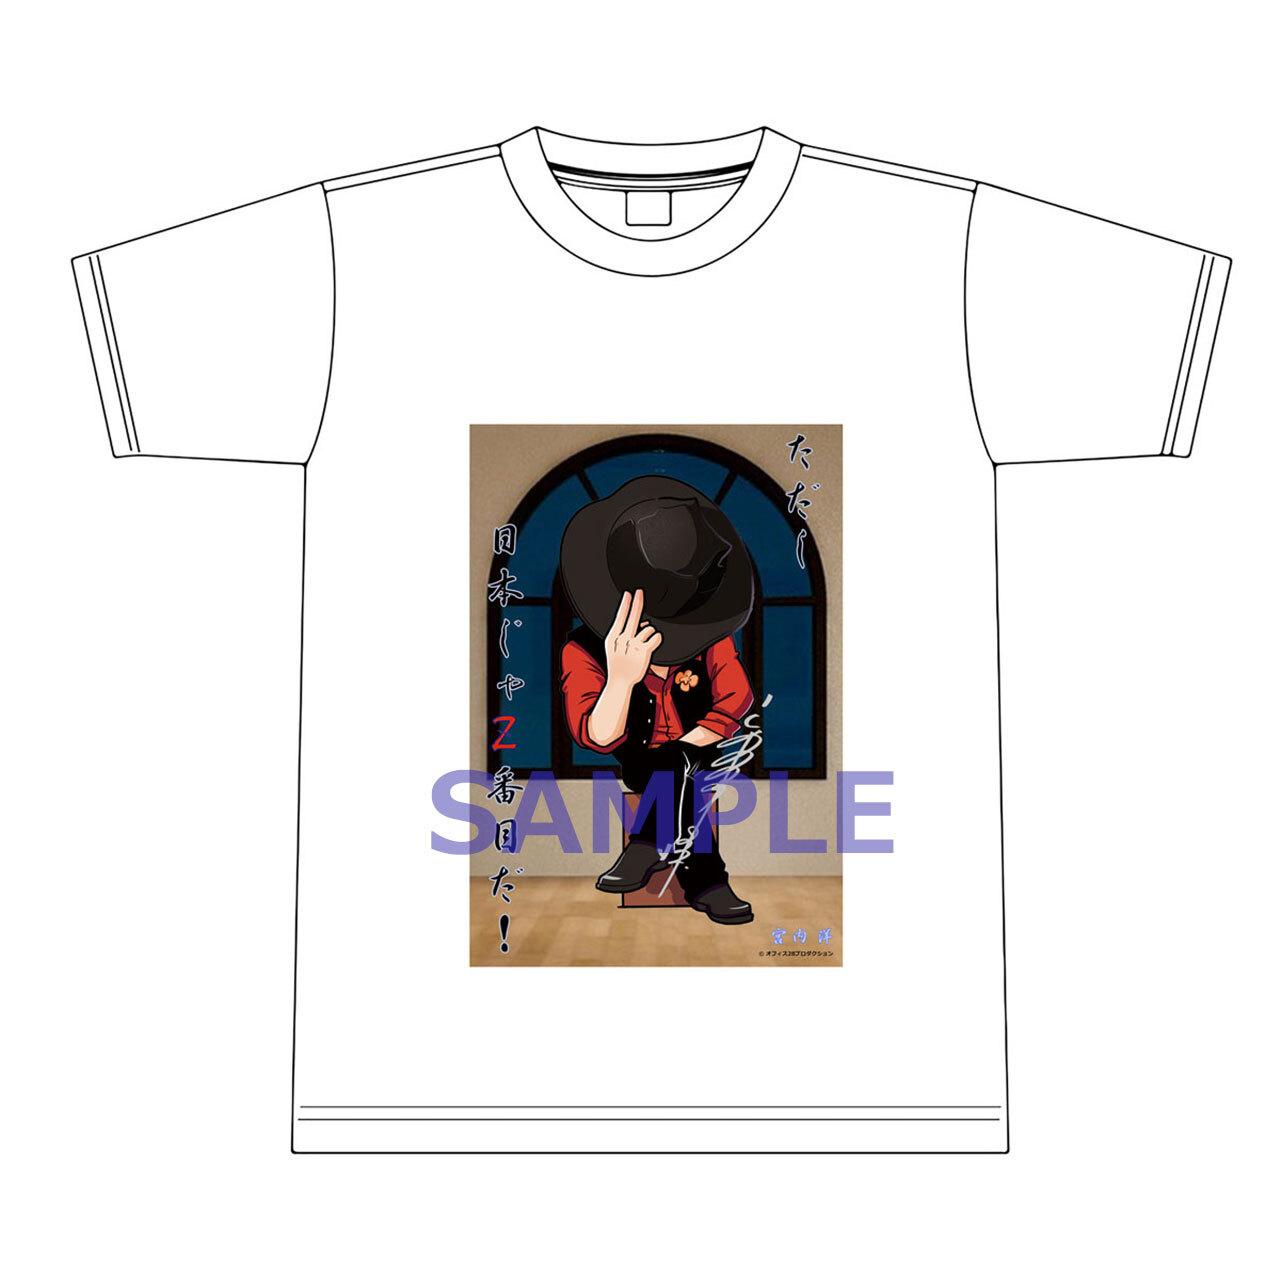 【4589839361460先】宮内洋 Tシャツ B /M 銀色箔押しサイン付きver.